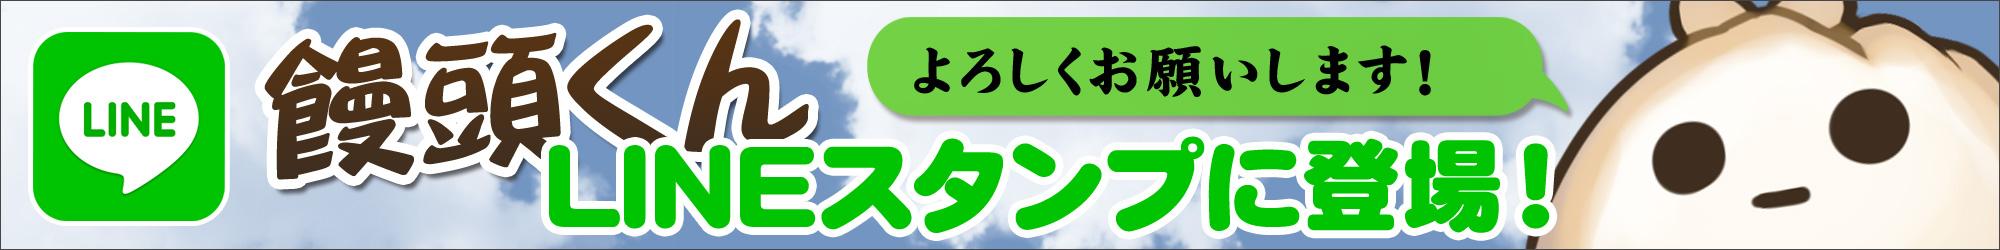 LINEスタンプ「饅頭くん」配信開始のお知らせ